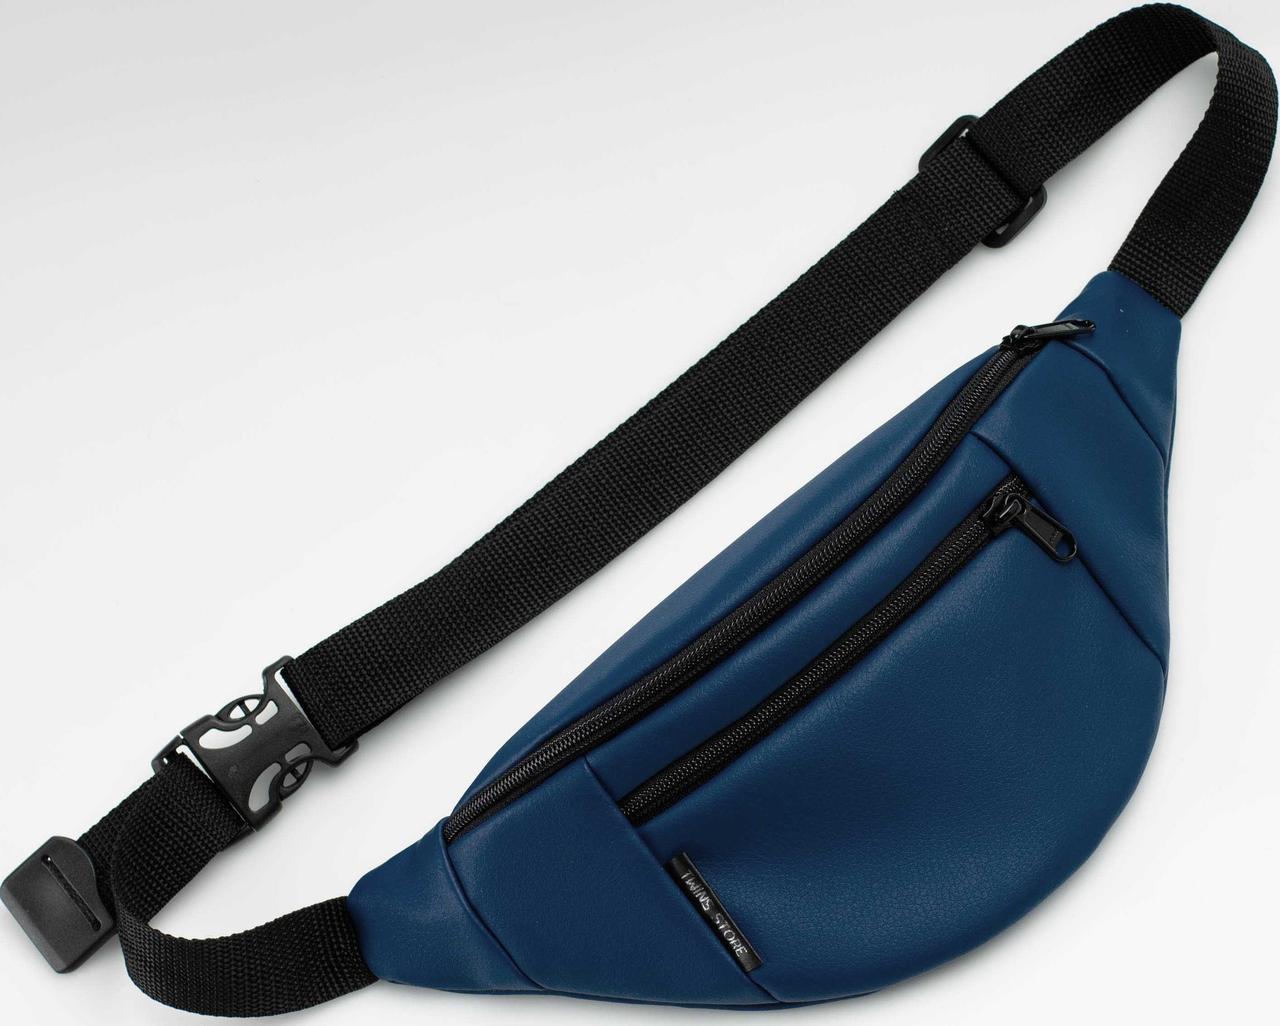 021b8d63da58 Поясная сумка из искусственной кожи TwinsStore Б93, синий — только ...